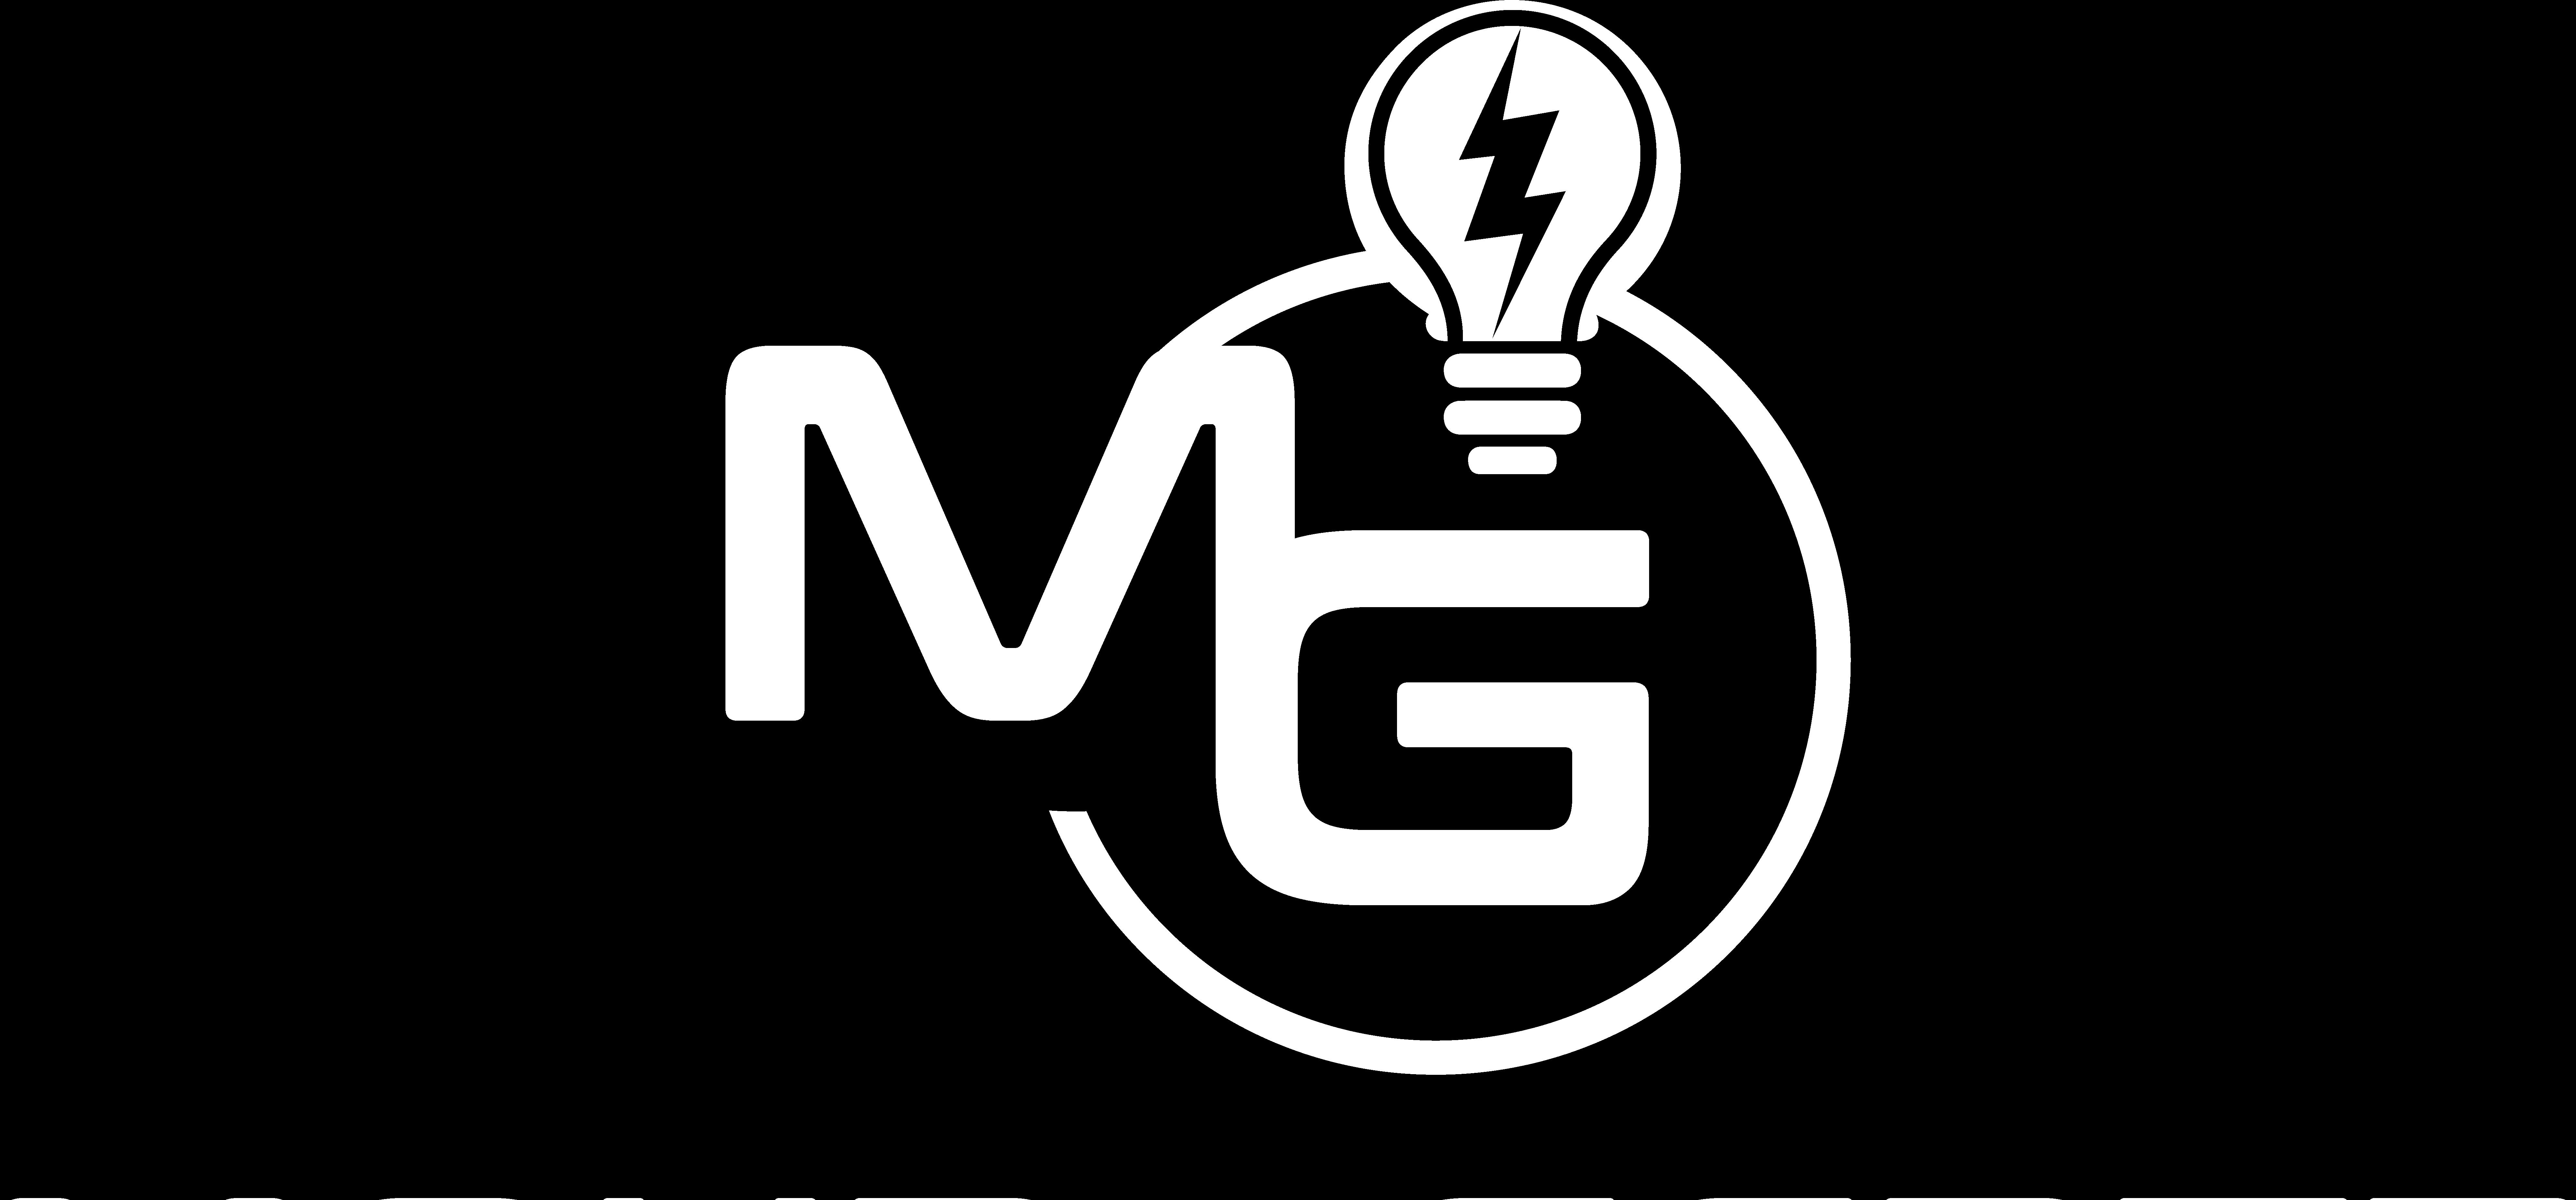 Ihr Elektriker in Reinbek | Mohr & Gertz Elektrotechnik